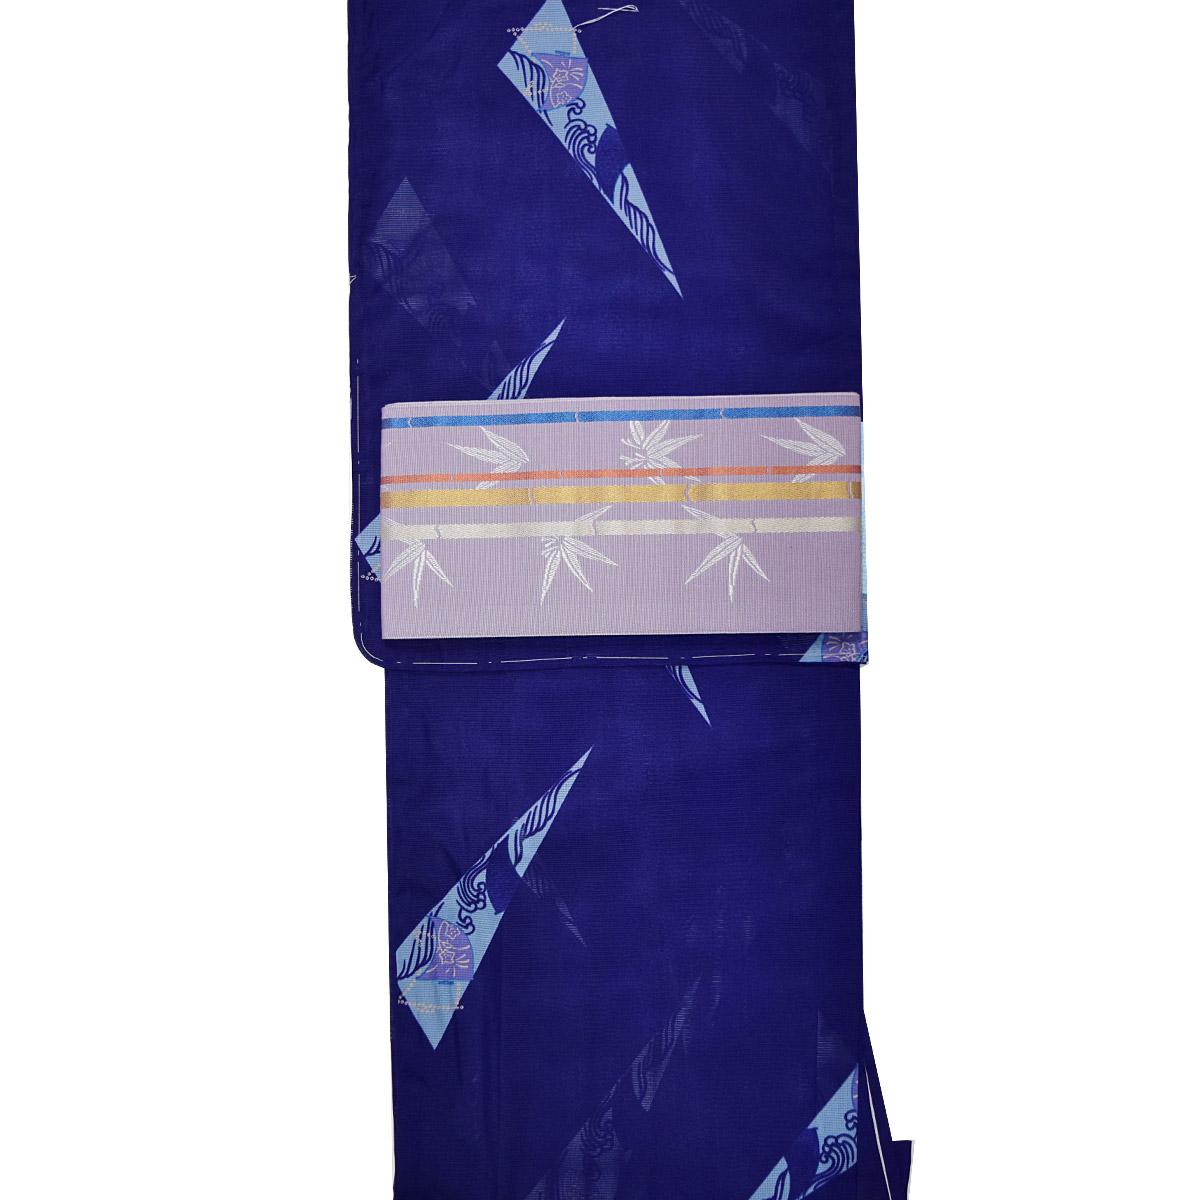 【夏】洗える 着物セット フリーサイズ【2点】洗える絽着物+正絹博多半幅帯 着物 和装 和服 博多織 紺 紫番号d706-1